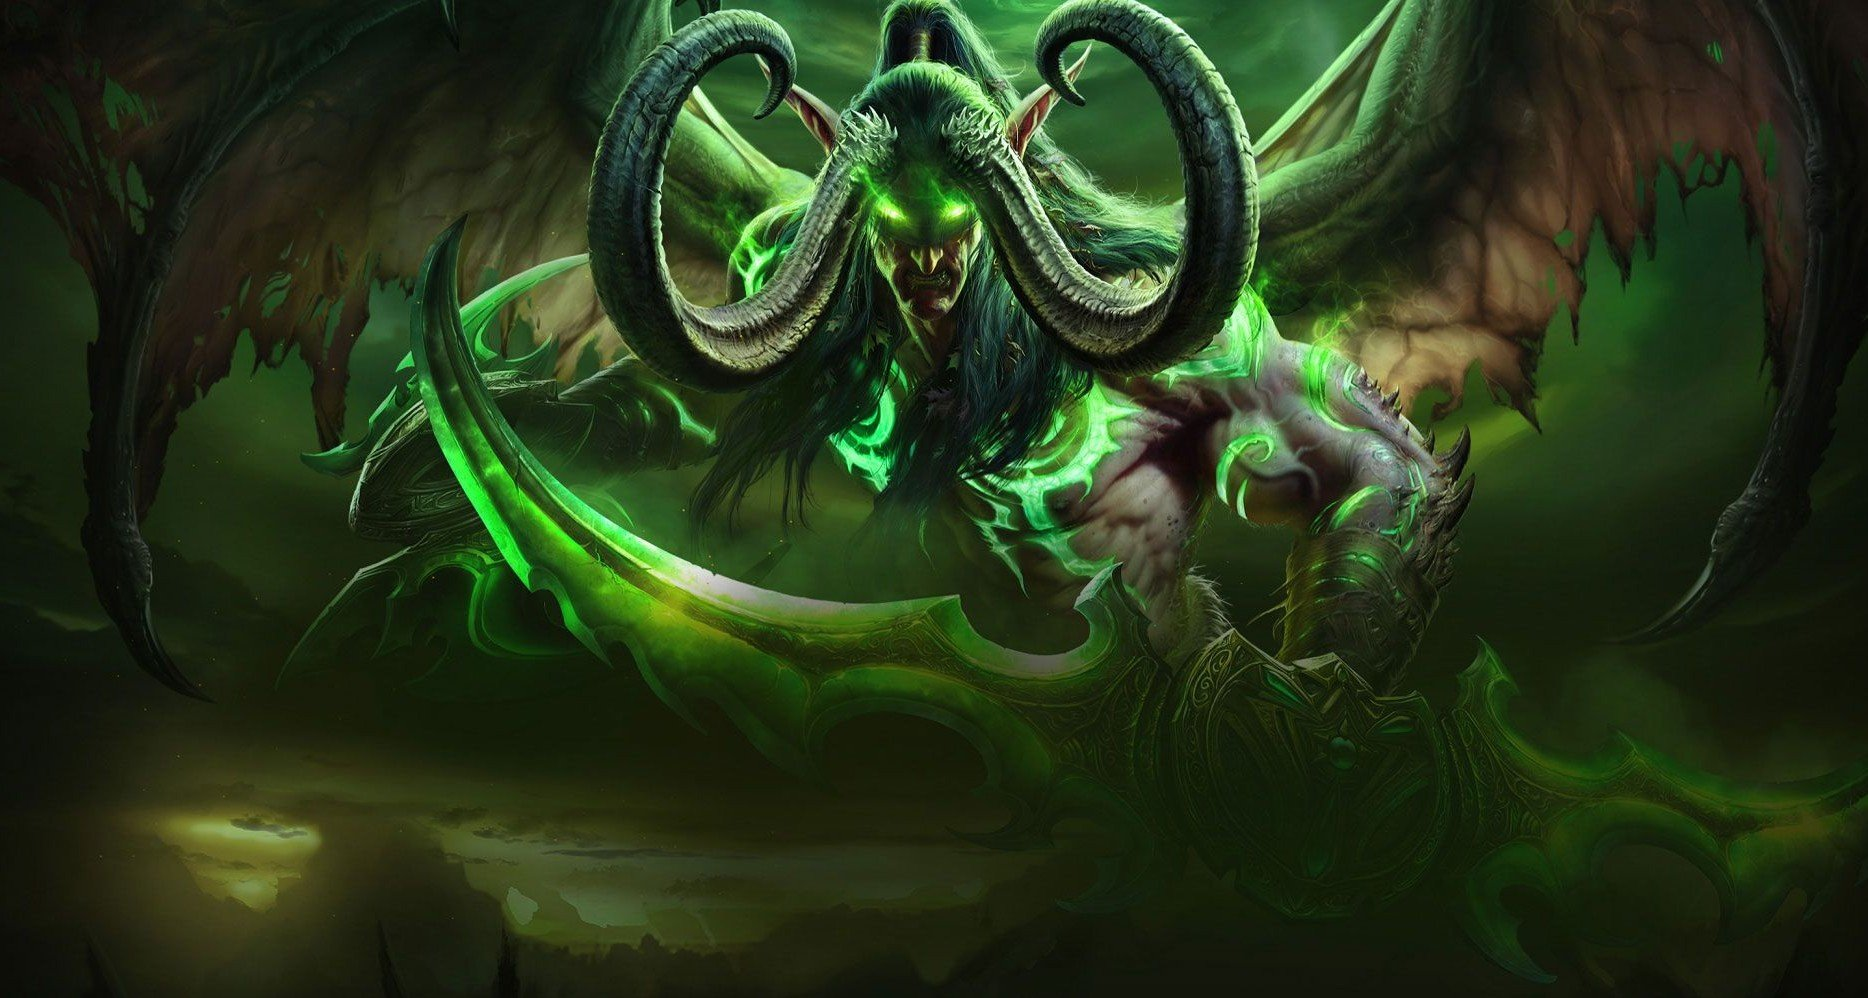 World Of Warcraftın Yeni Paketi Duyuruldu 34